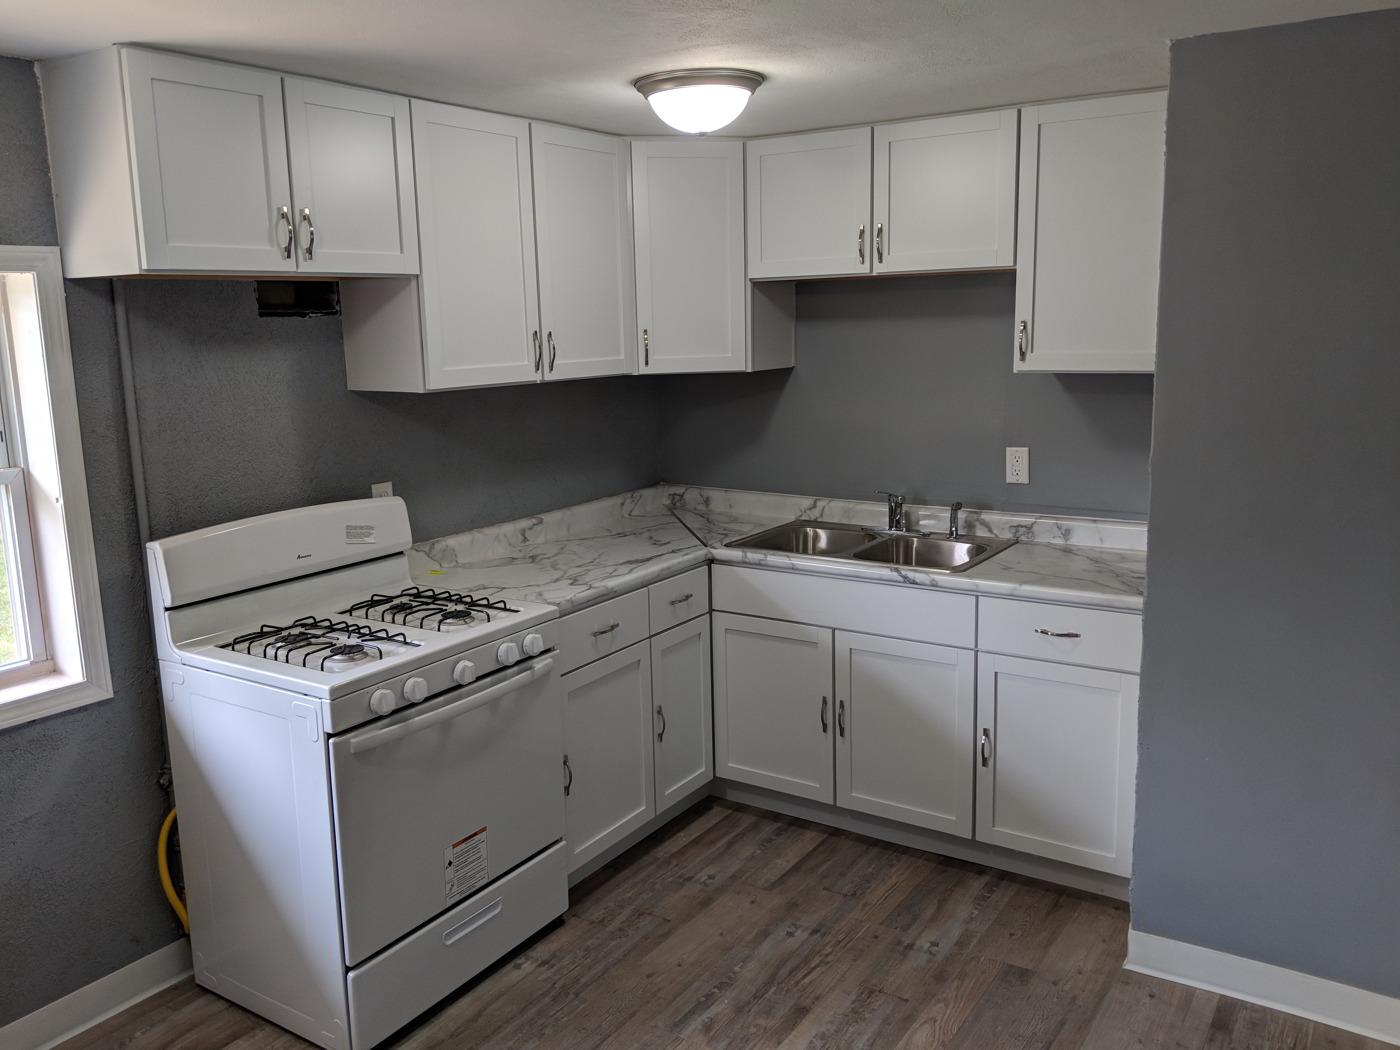 Kitchens - Redwood Remodeling